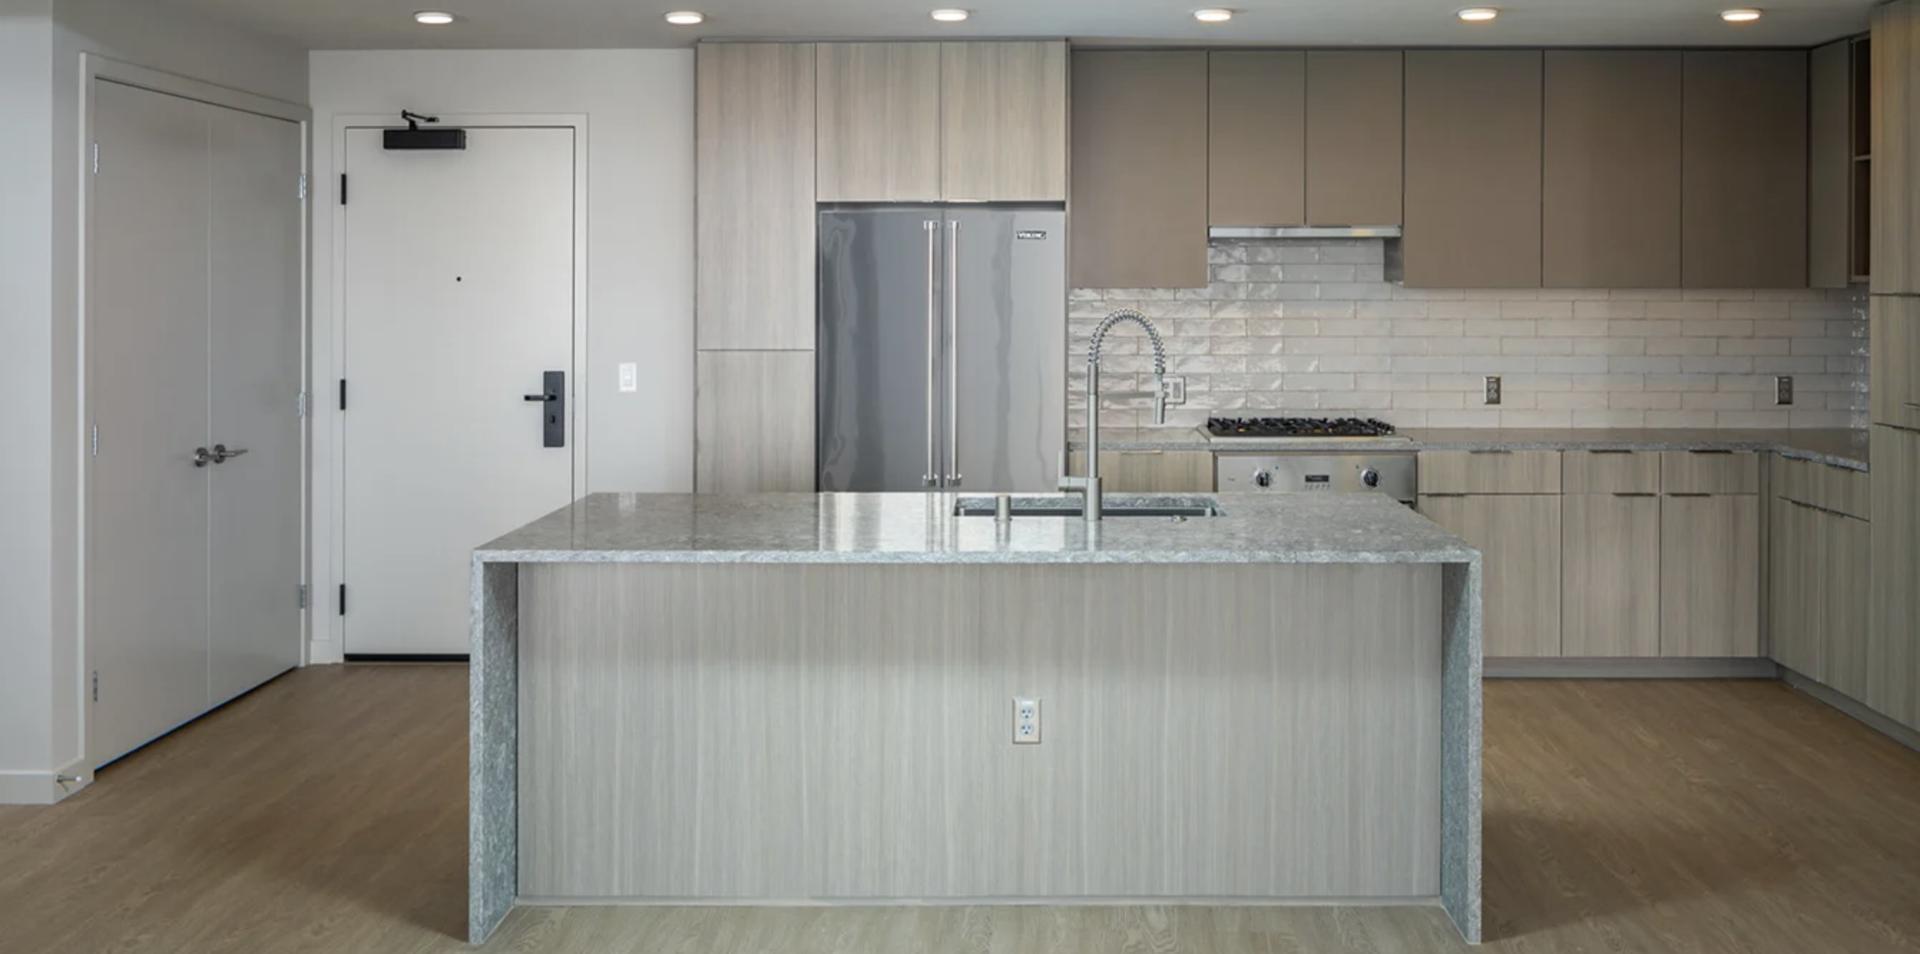 601 11th Avenue #1312, San Diego, CA - $4,715 USD/ month